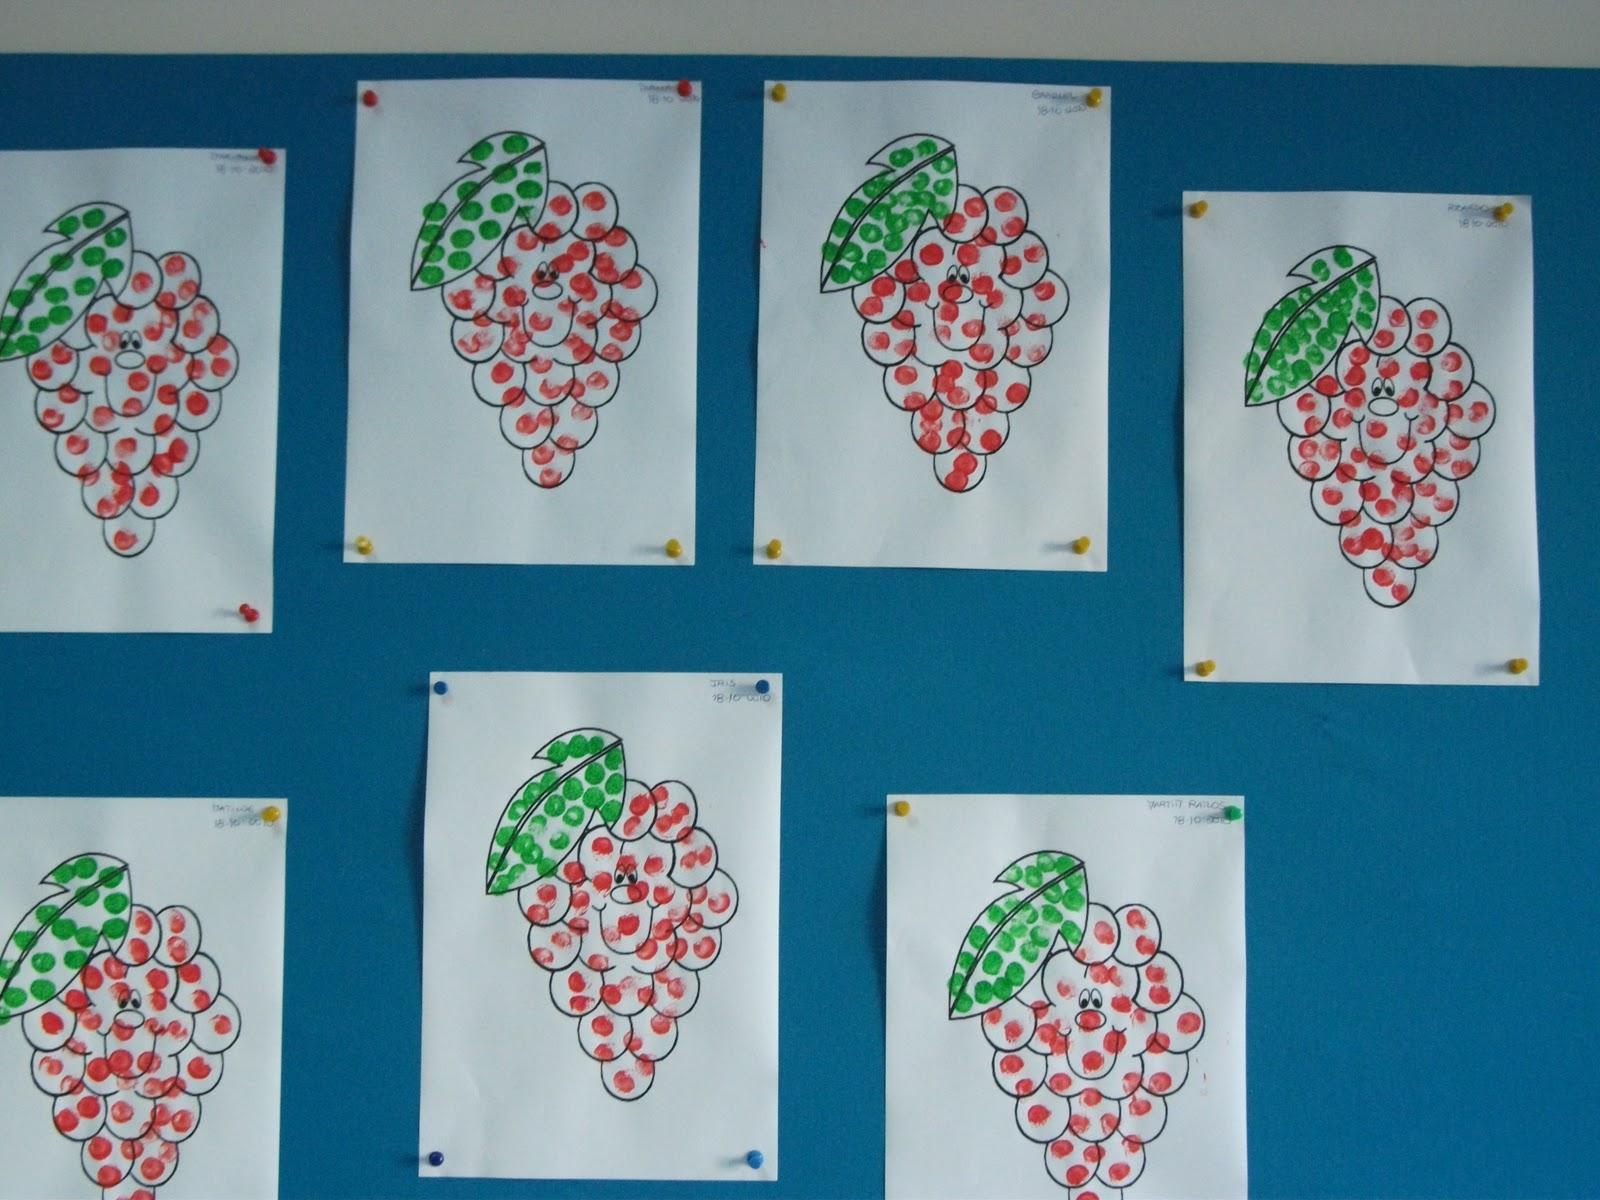 ideias para o outono jardim de infancia : ideias para o outono jardim de infancia:Publicada por Albertina Pereira à(s) 13.11.10 Etiquetas: Outono